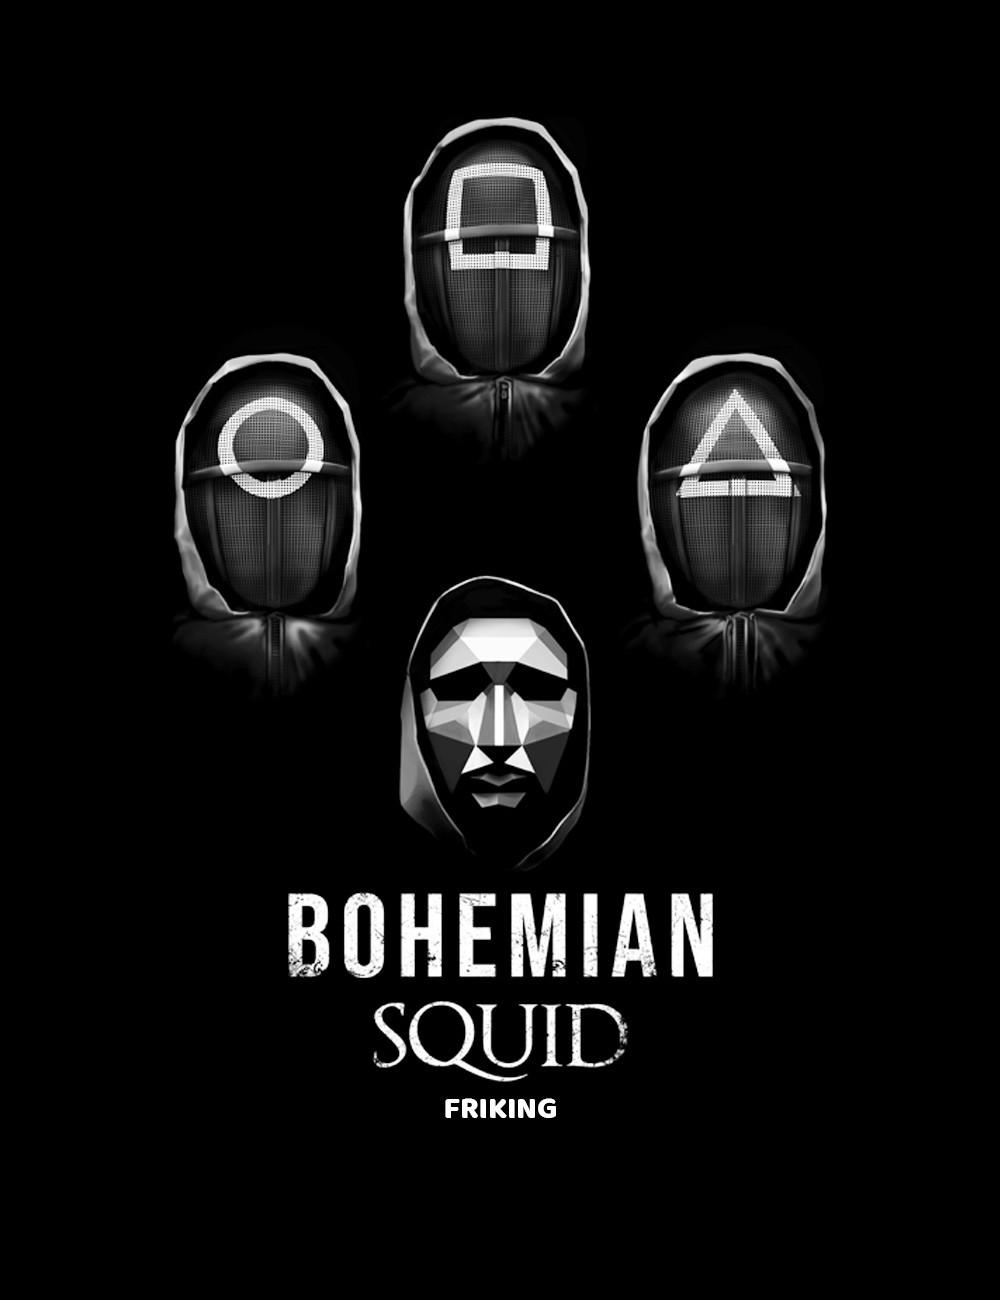 Bohemian Squid - El Juego del Calamar